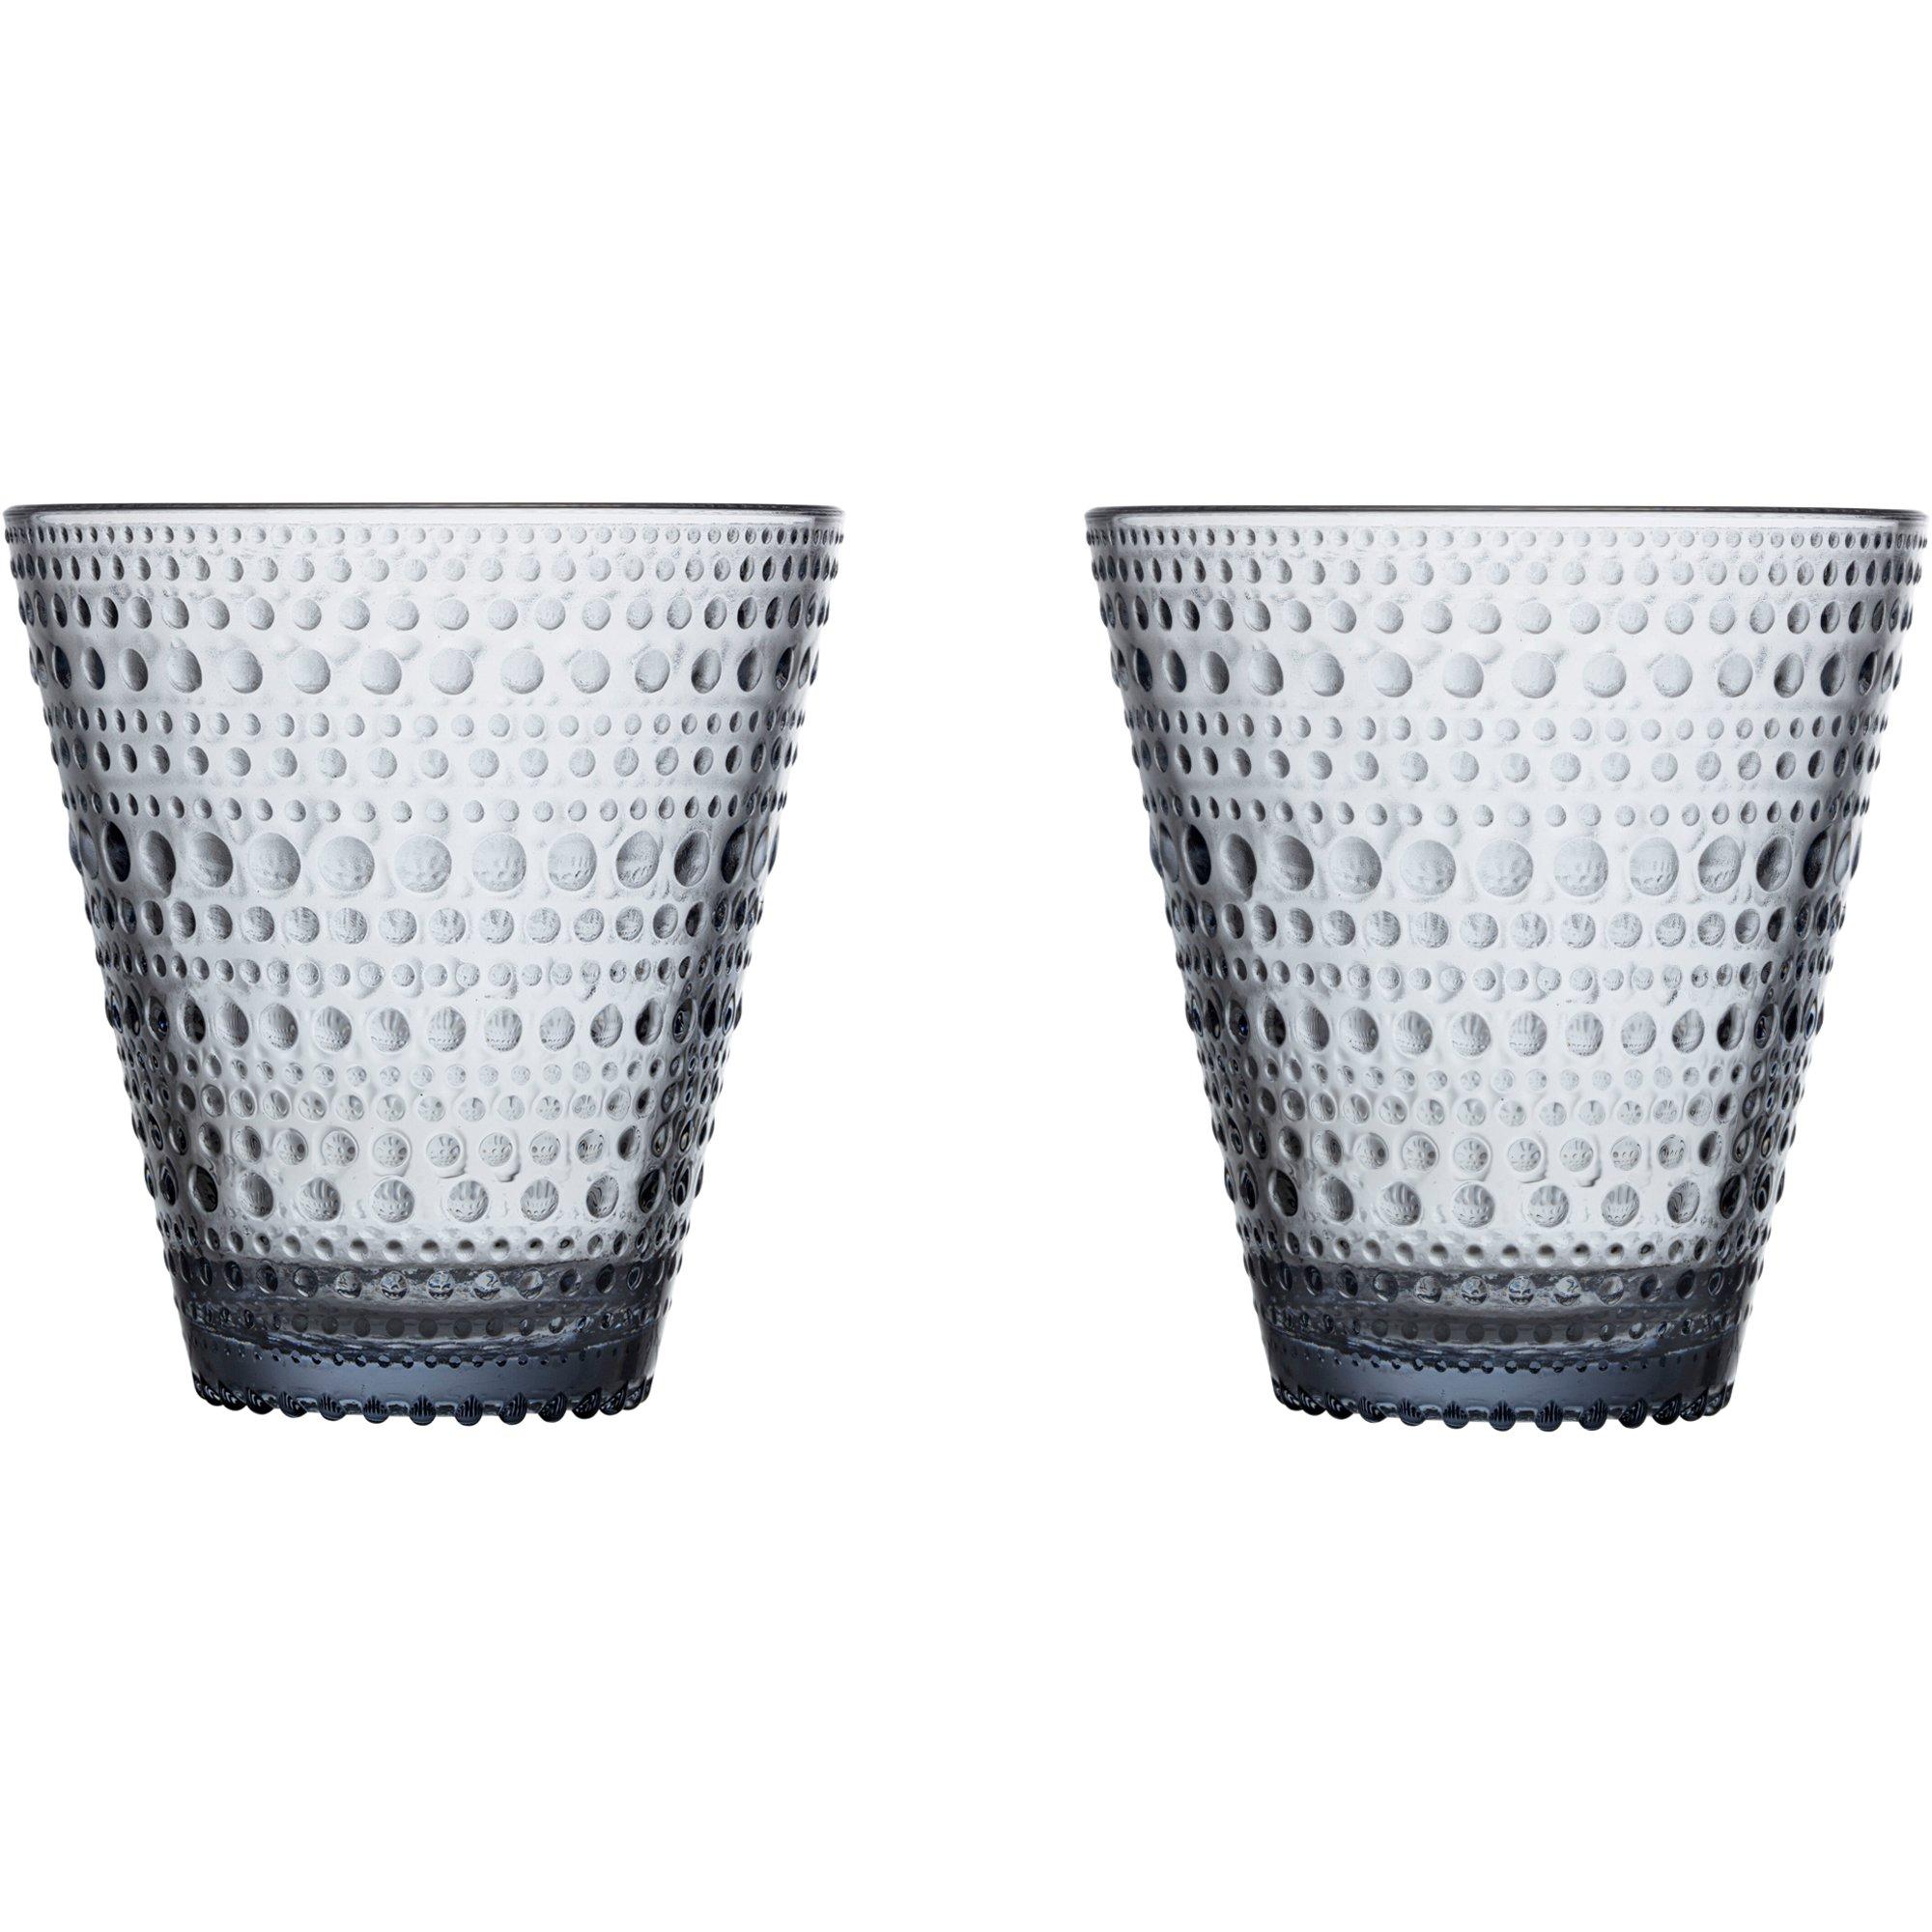 Iittala Kastehelmi Dricksglas 2 st. Återvunnet glas